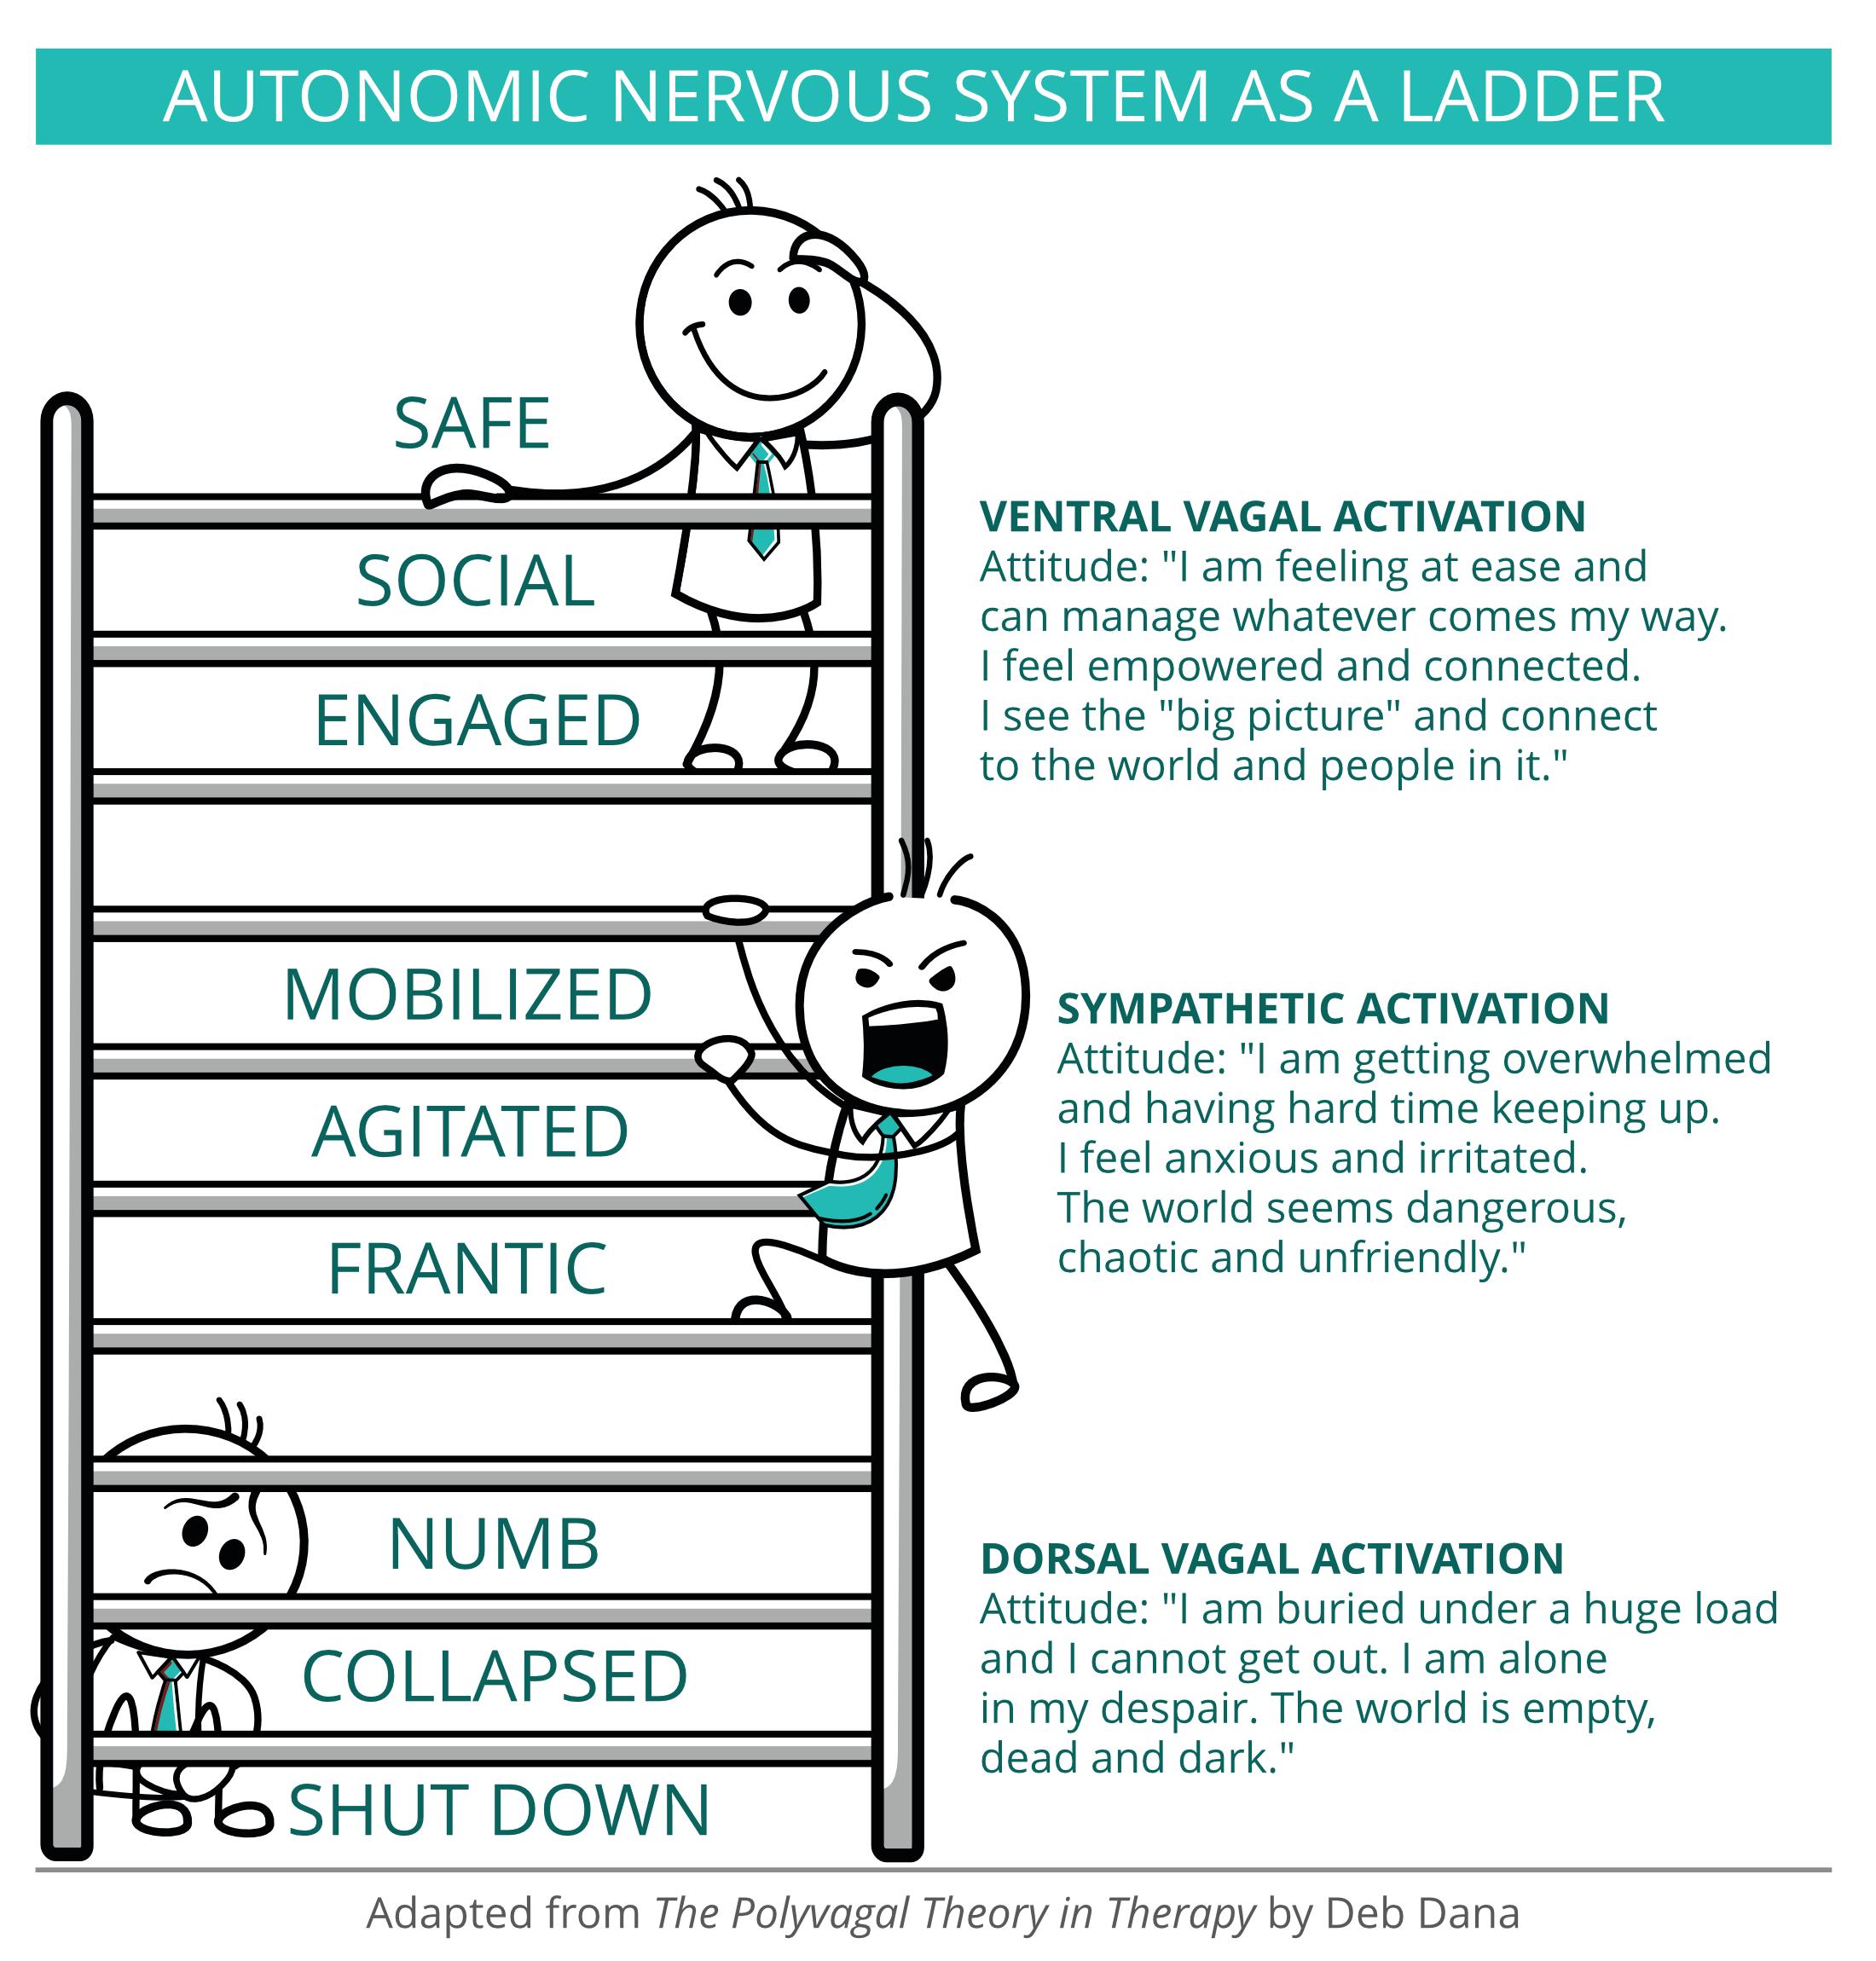 Autonomic nervous system as a ladder